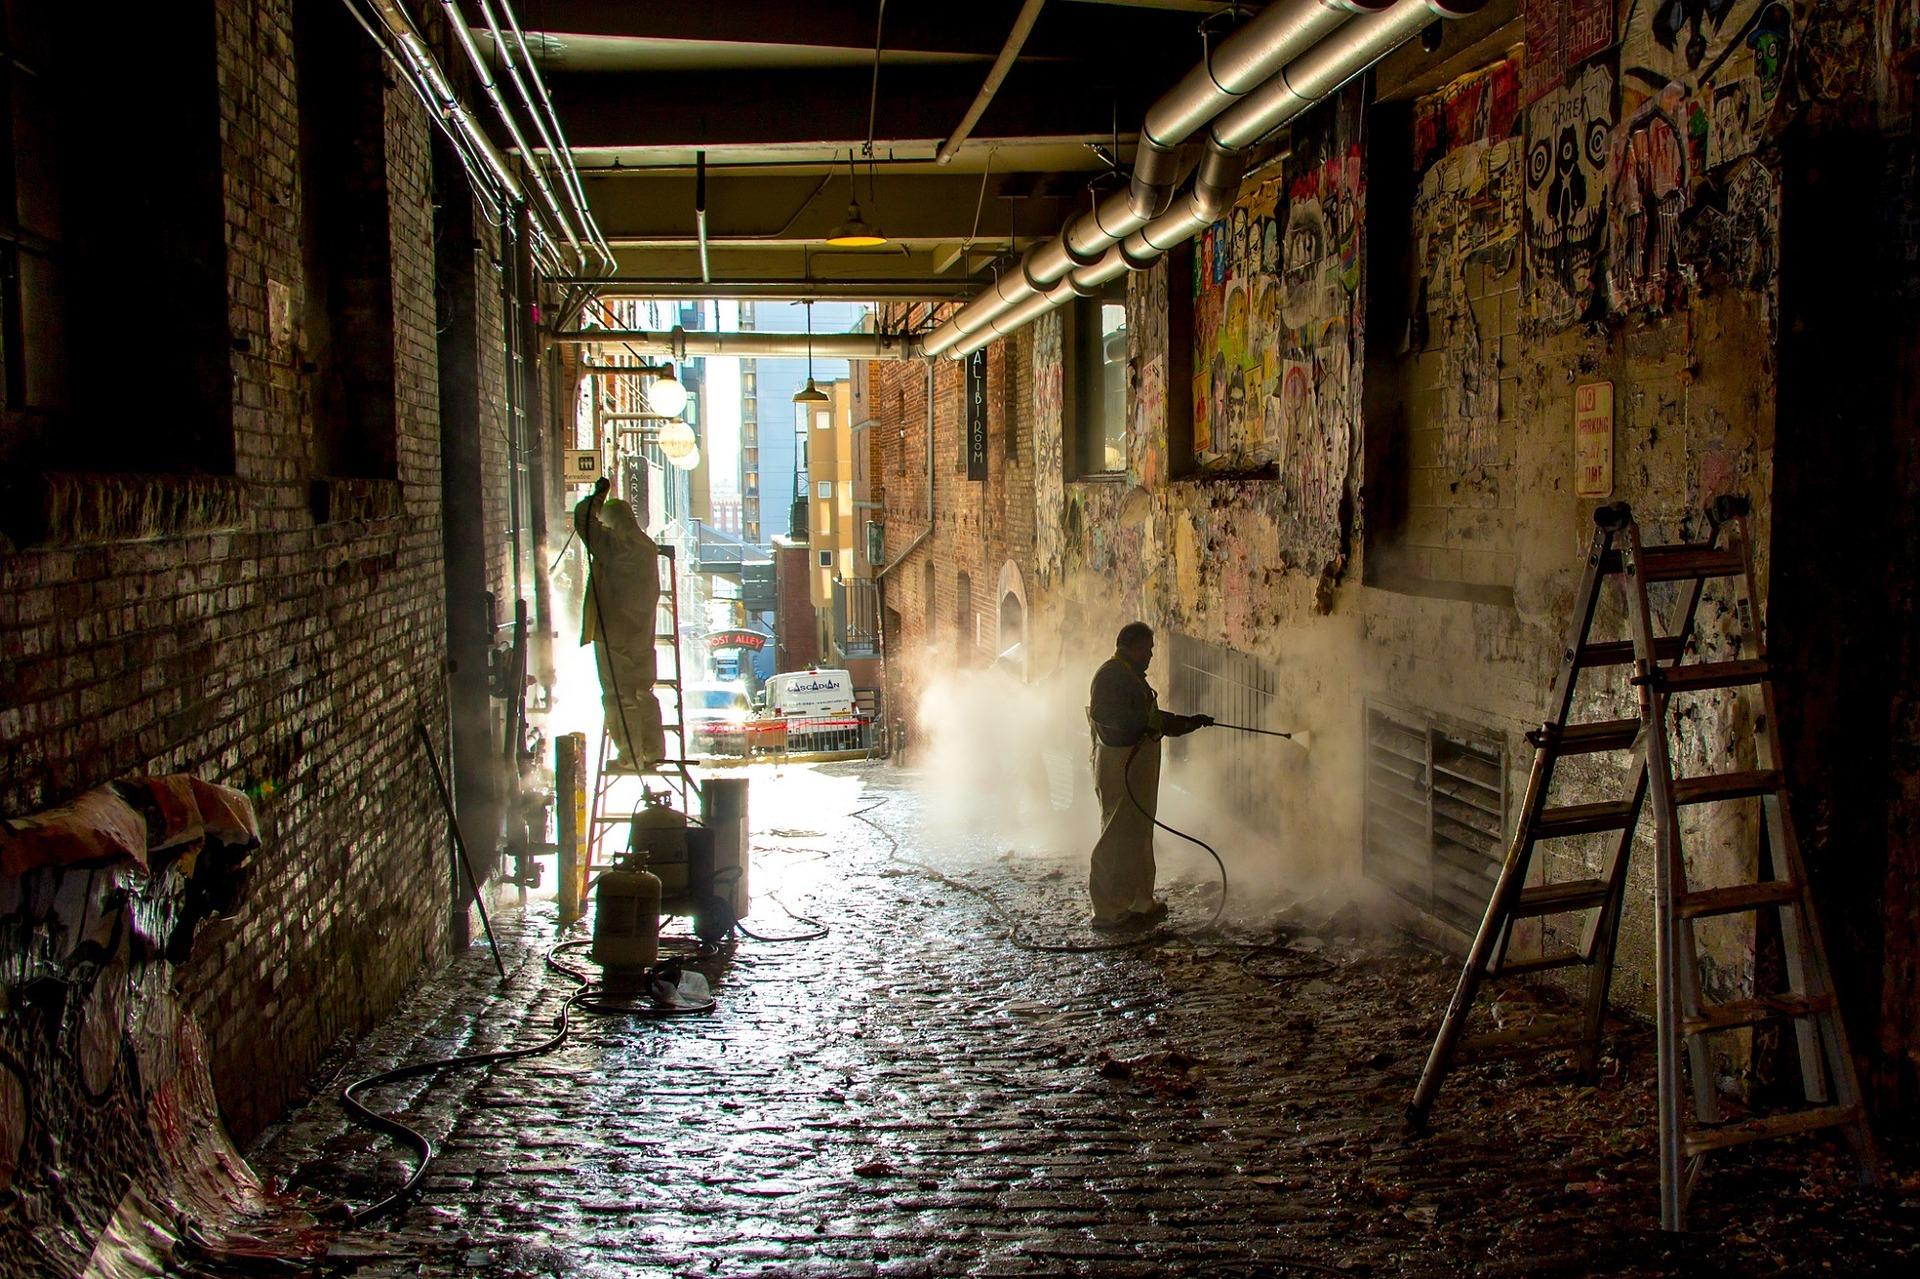 Kimia Gebäudereinigung Dienstleistung Sonderreinigung